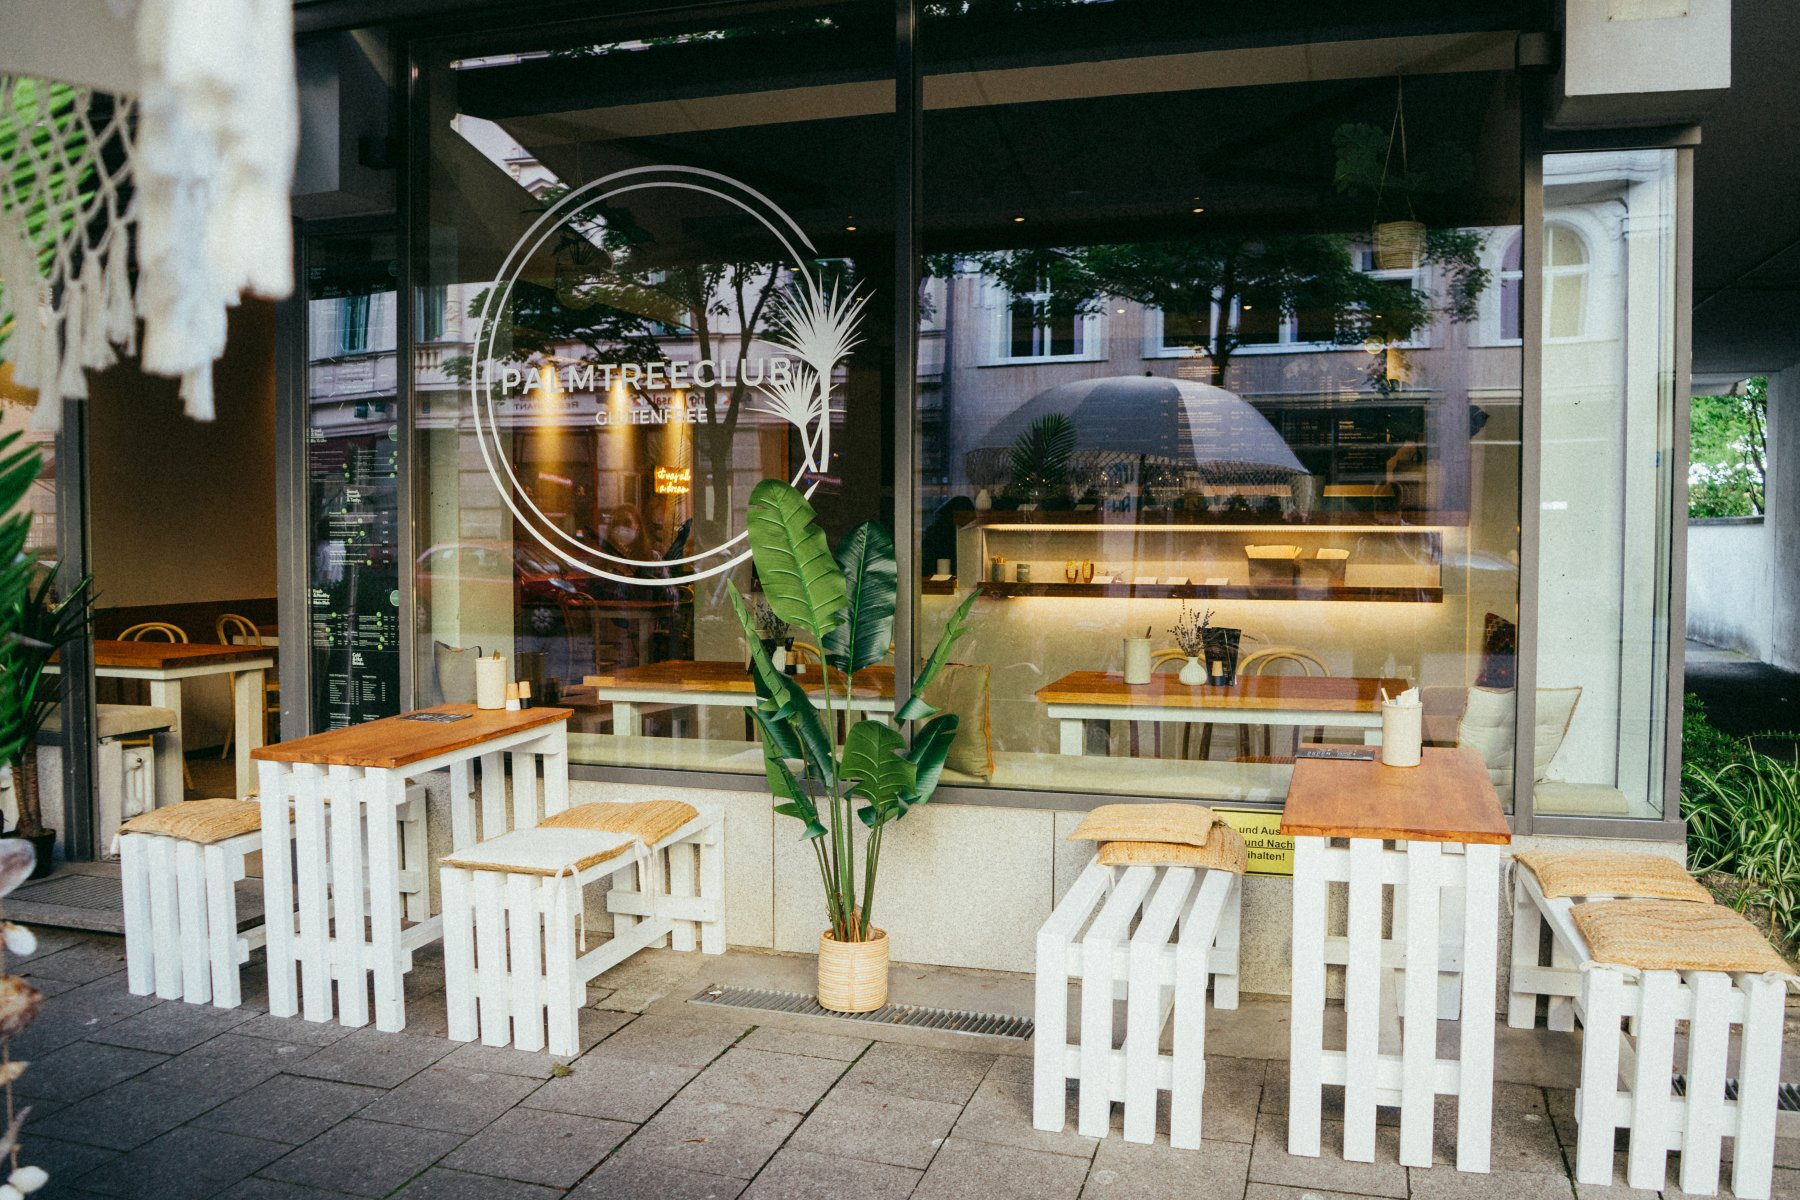 Holztische und Bänke vor dem Palmtree Club in München – ©Ben Sagmeister für wunderland media GmbH